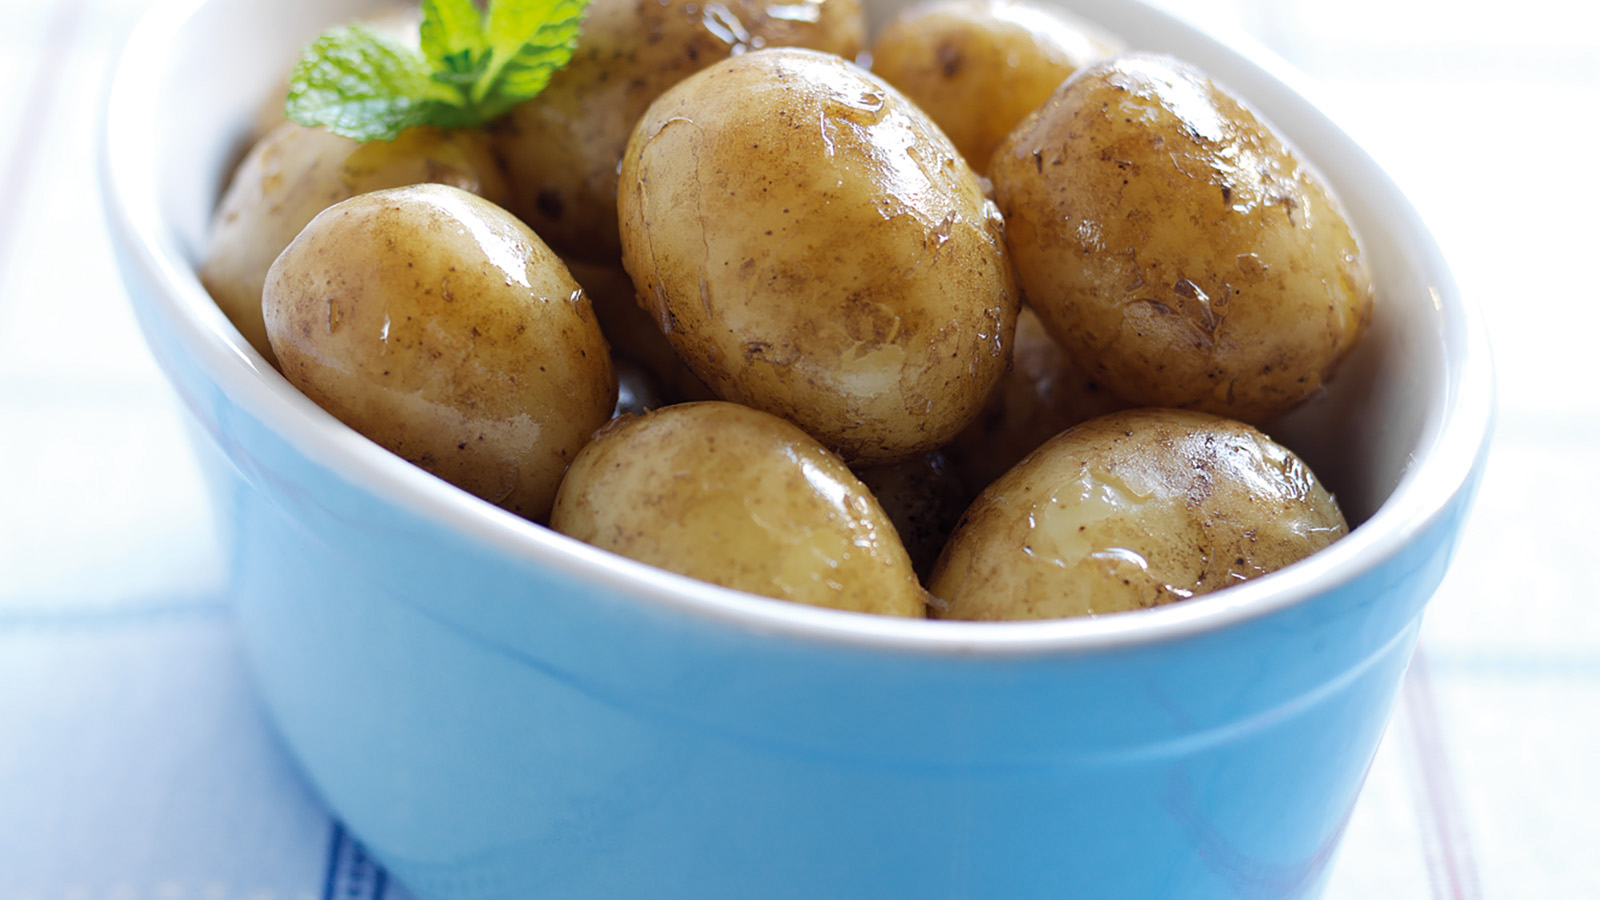 Courtesy: lovepotatoes